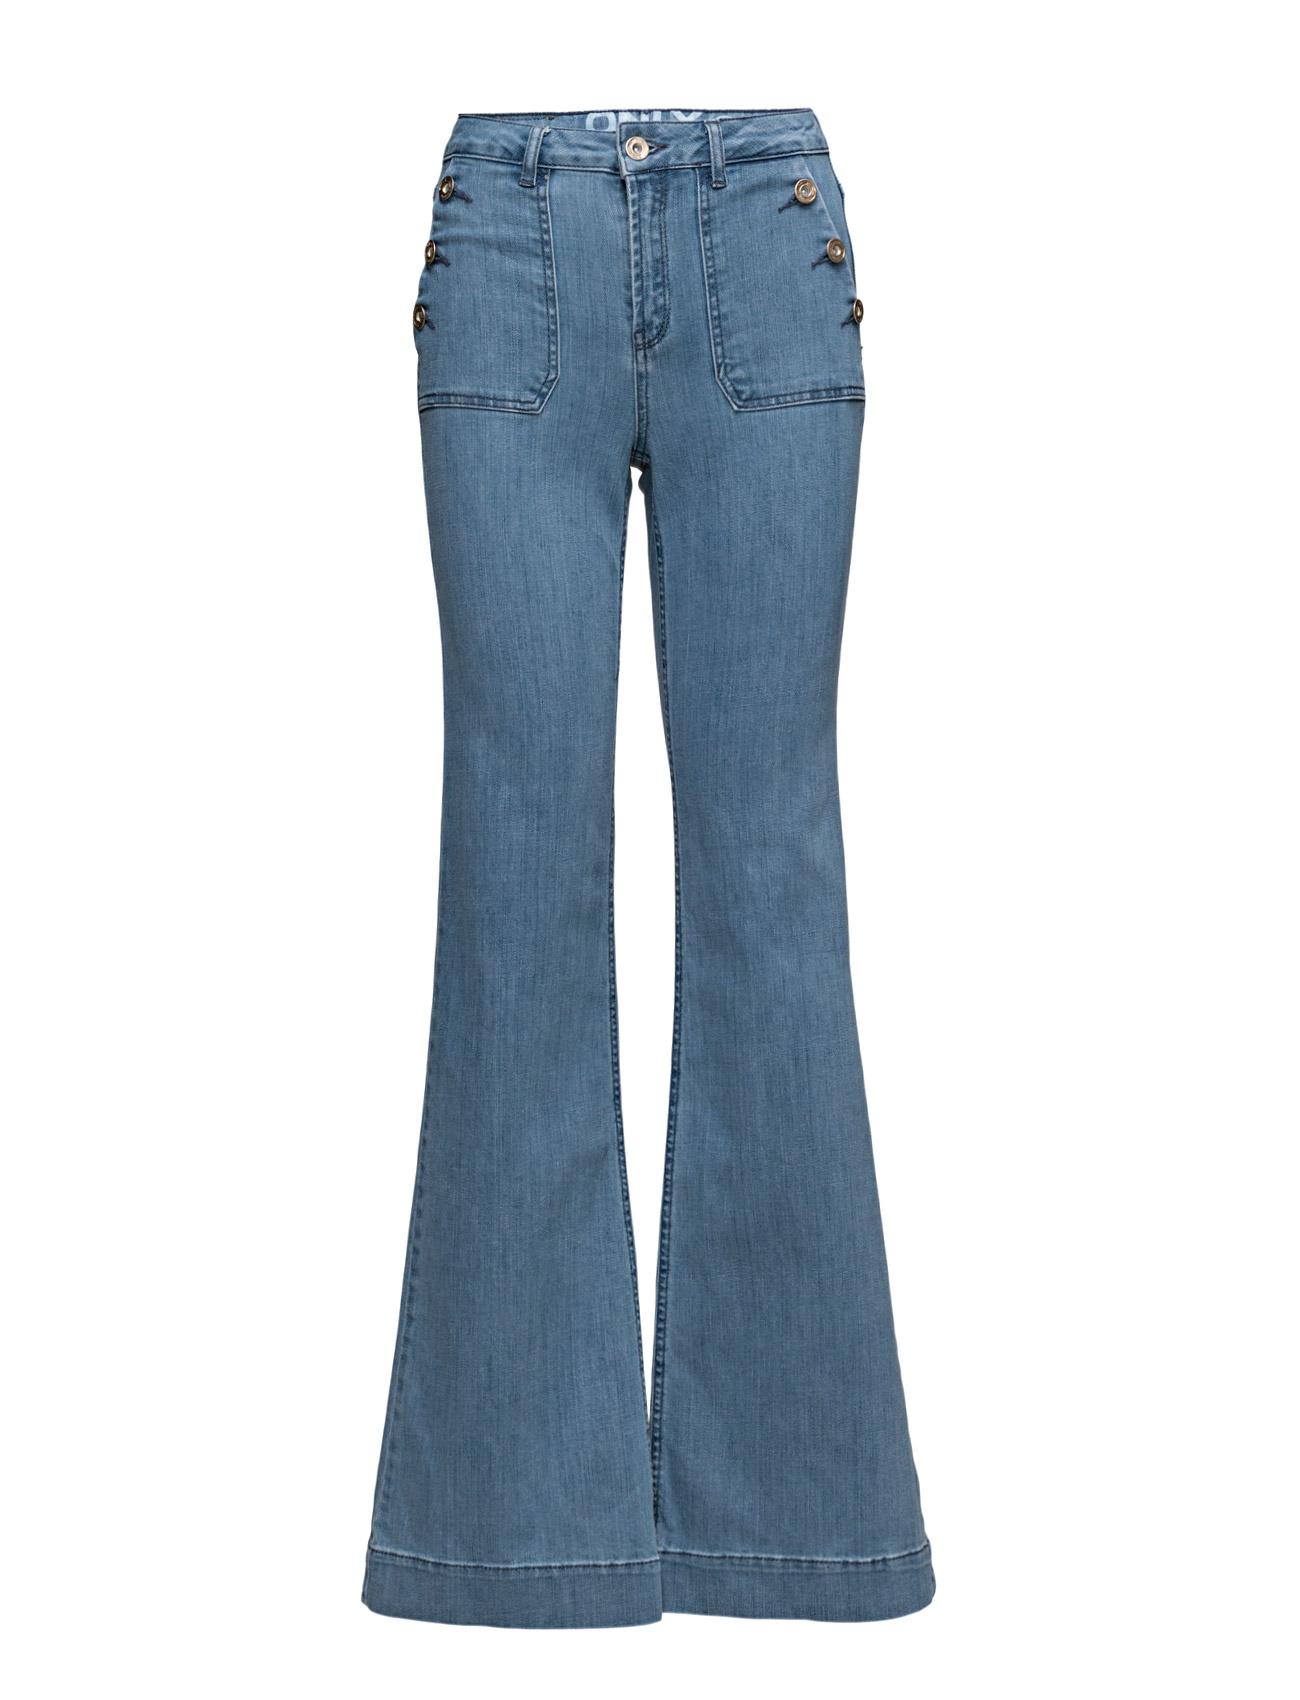 Onllea Highw Dnm Flared Jeans Cre ONLY Trompetbukser til Damer i